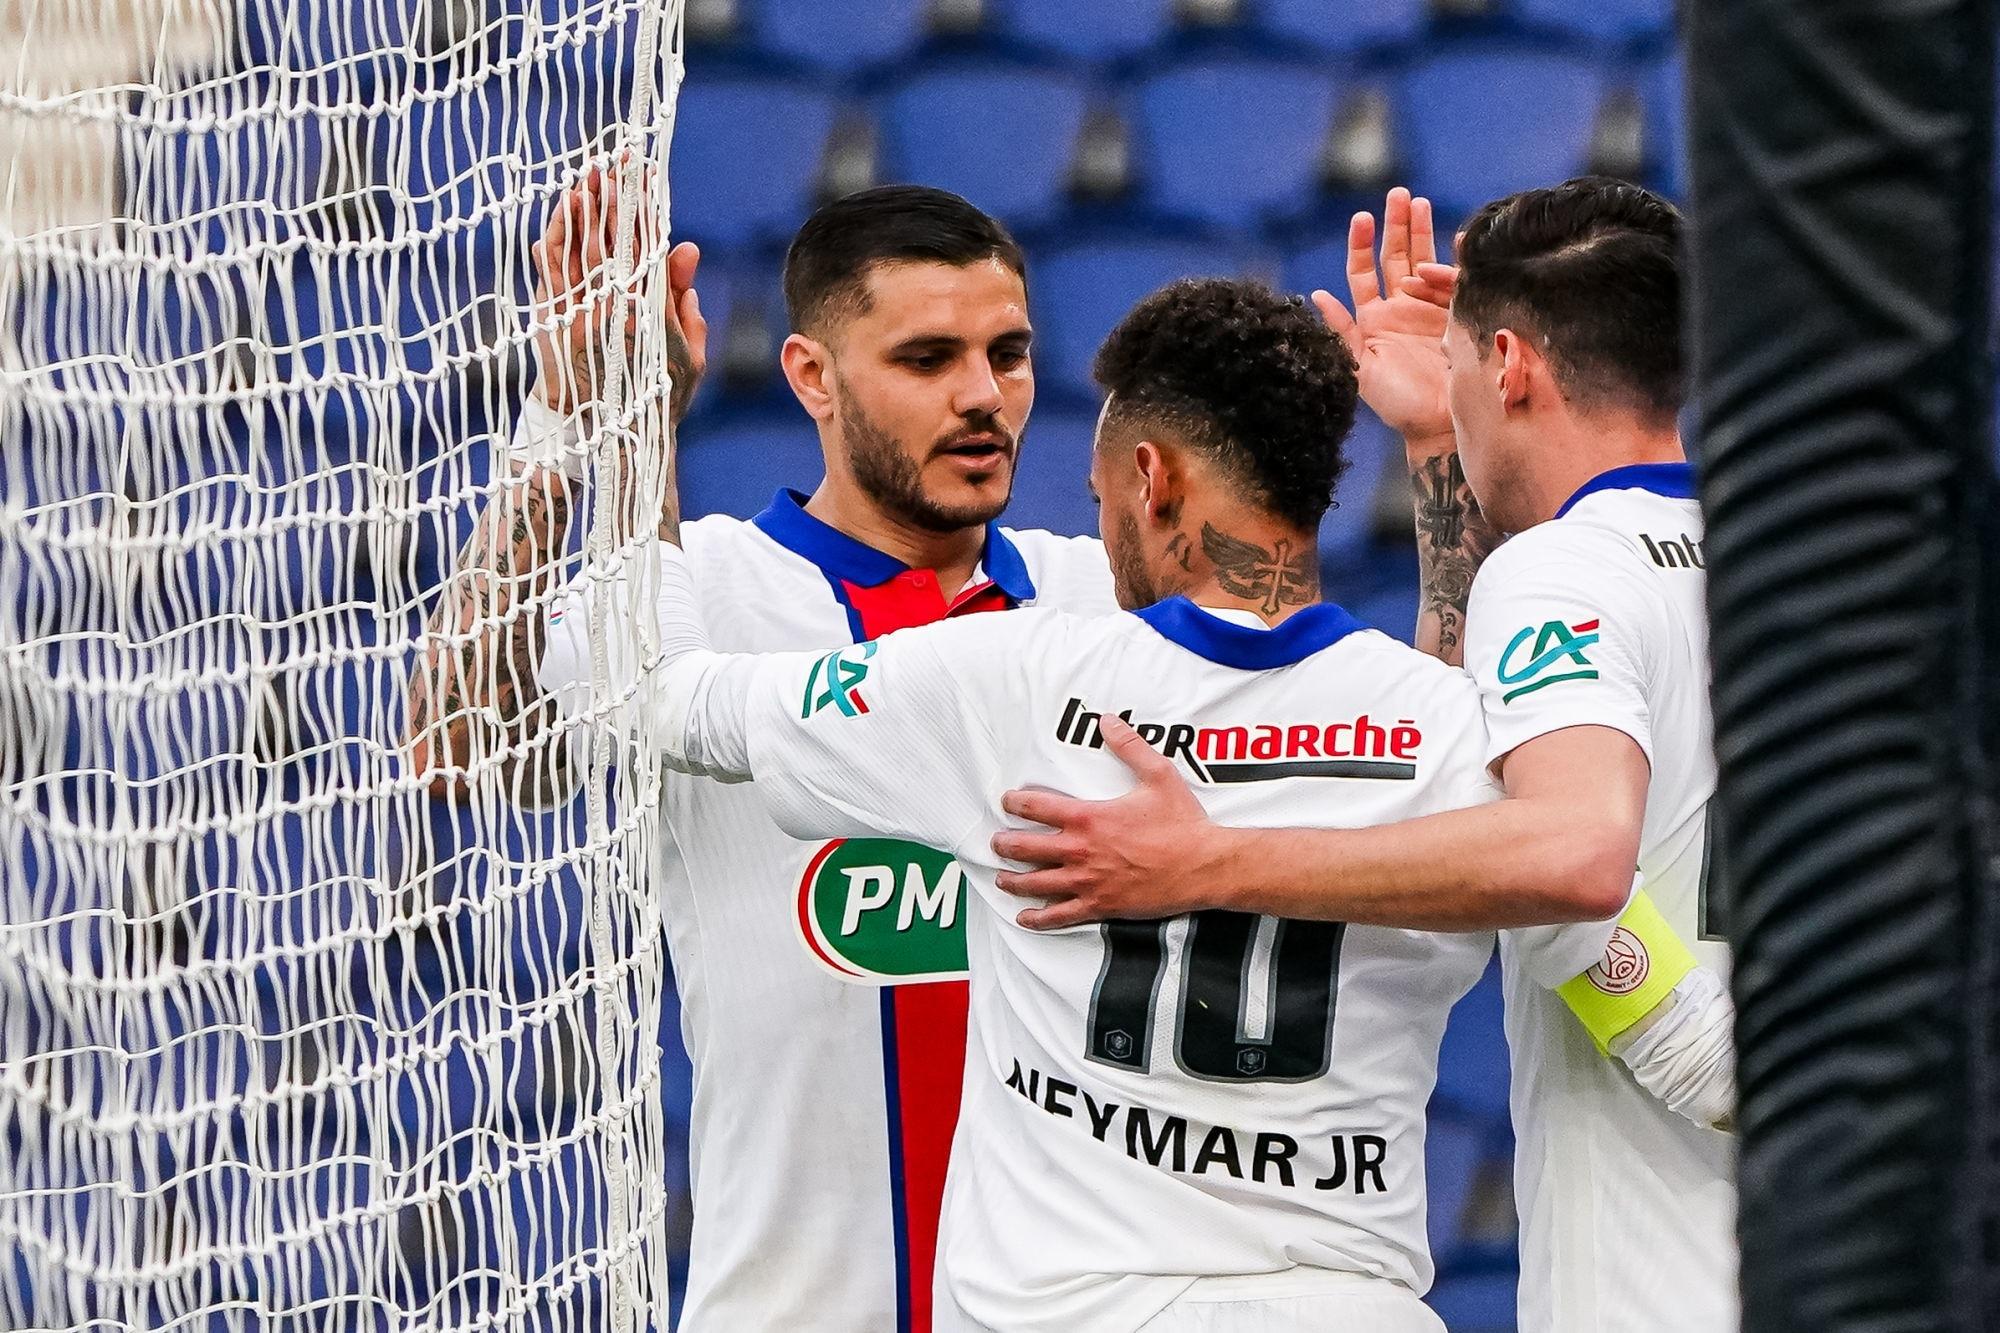 PSG/Angers - Les notes des Parisiens après la qualification, l'attaque a brillé